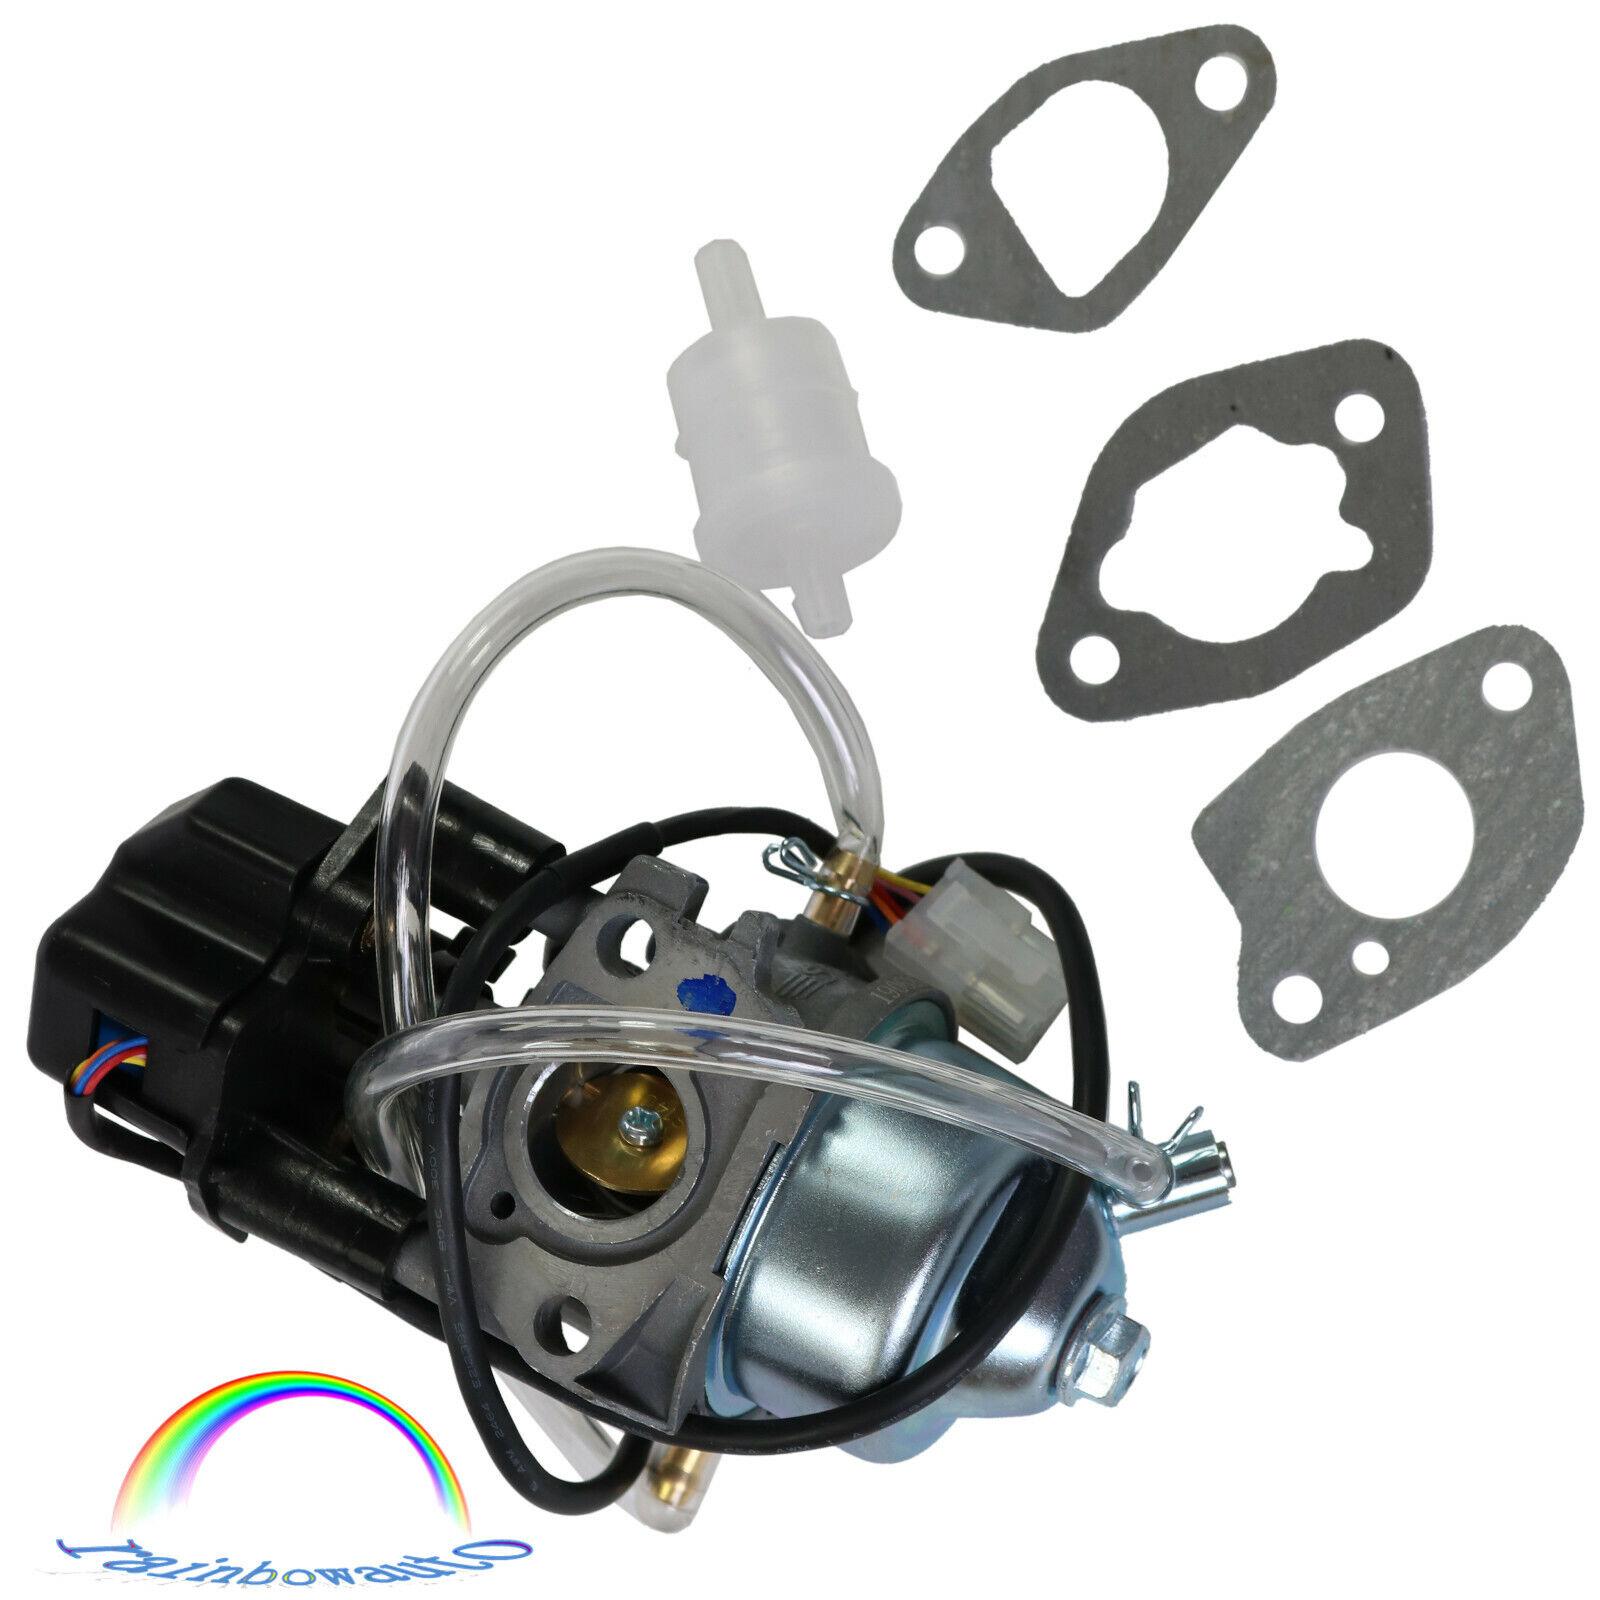 Carburetor Carb Fit Honda EU3000is inverter part #16100-ZL0-D66 16100-Z0V-D12 US